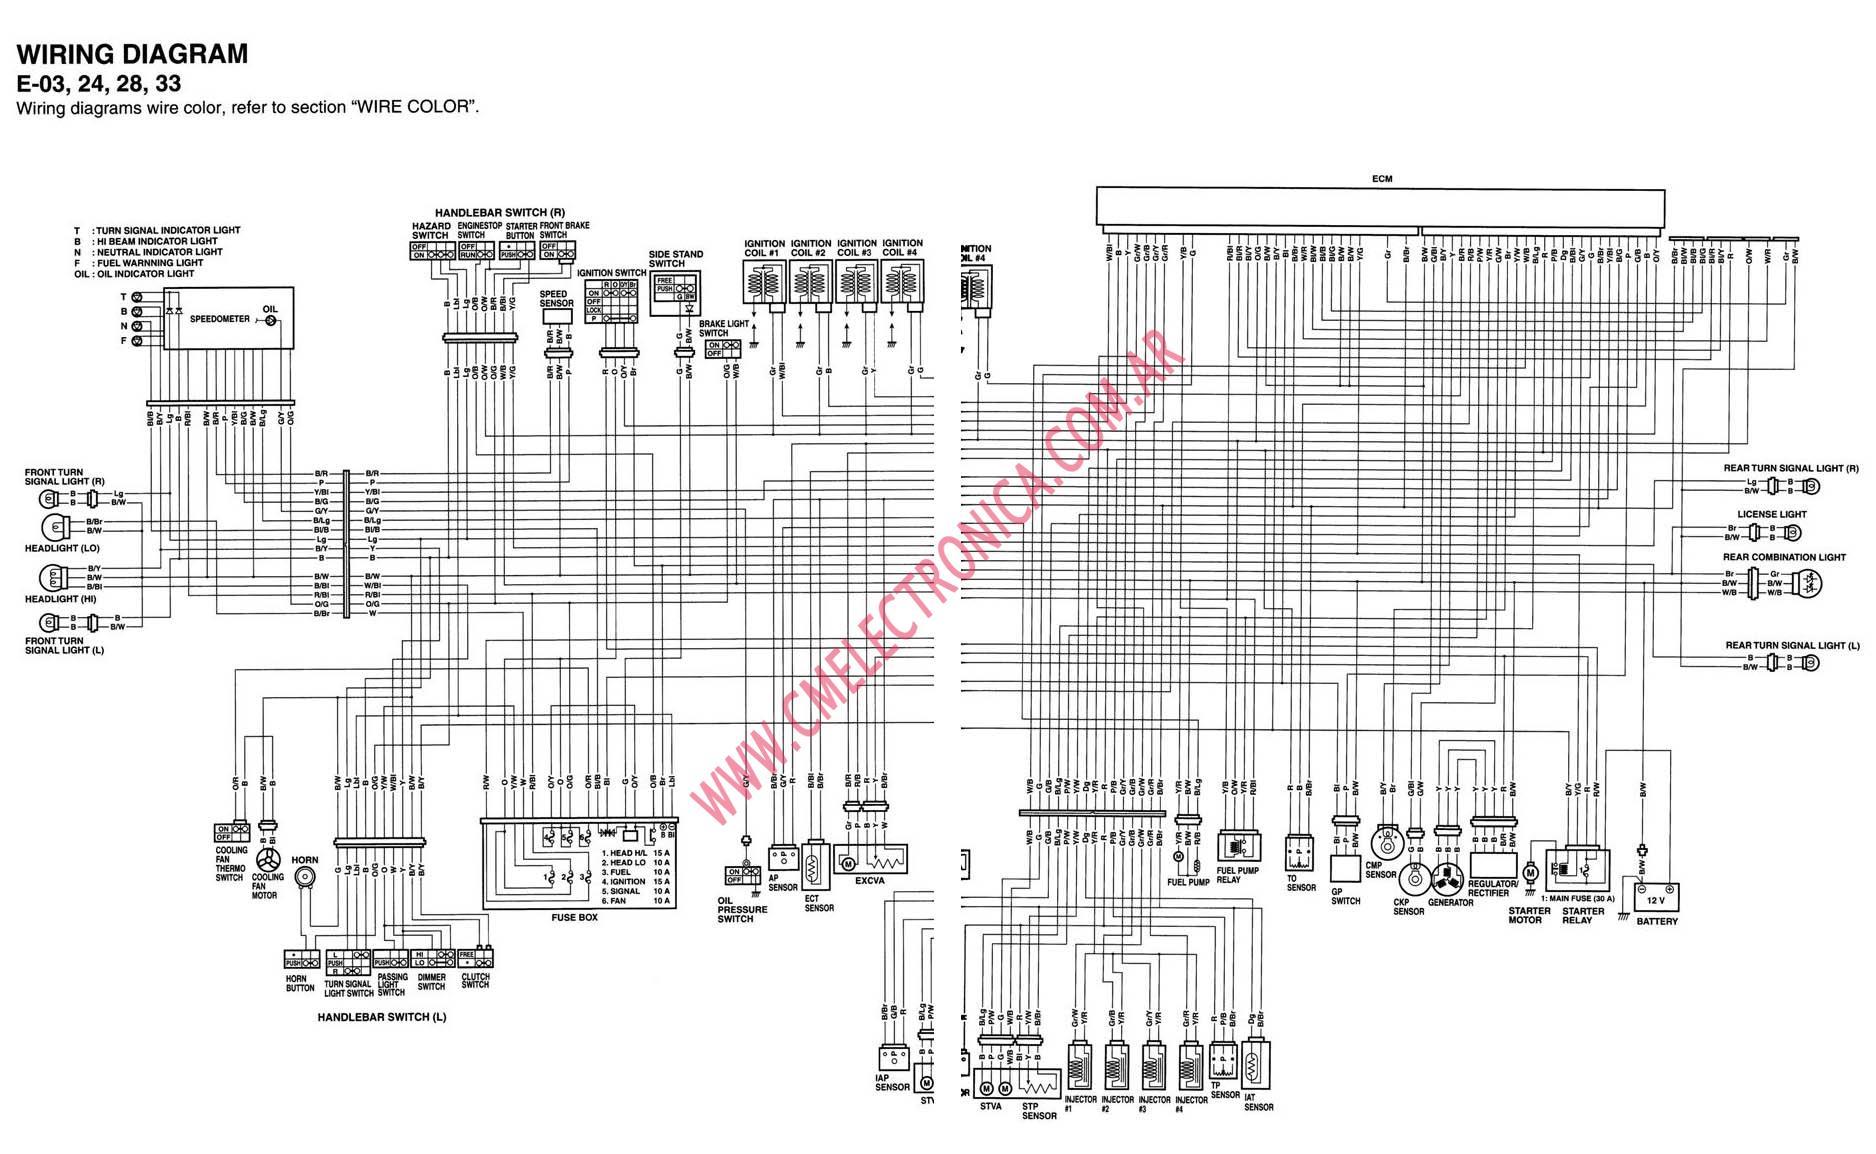 [SCHEMATICS_4JK]  2002 Gsxr 1000 Ignition Wiring Diagram - Wiring Diagrams Data | 2002 Suzuki Gsxr 1000 Wiring Diagram |  | eclat-de-joie.fr